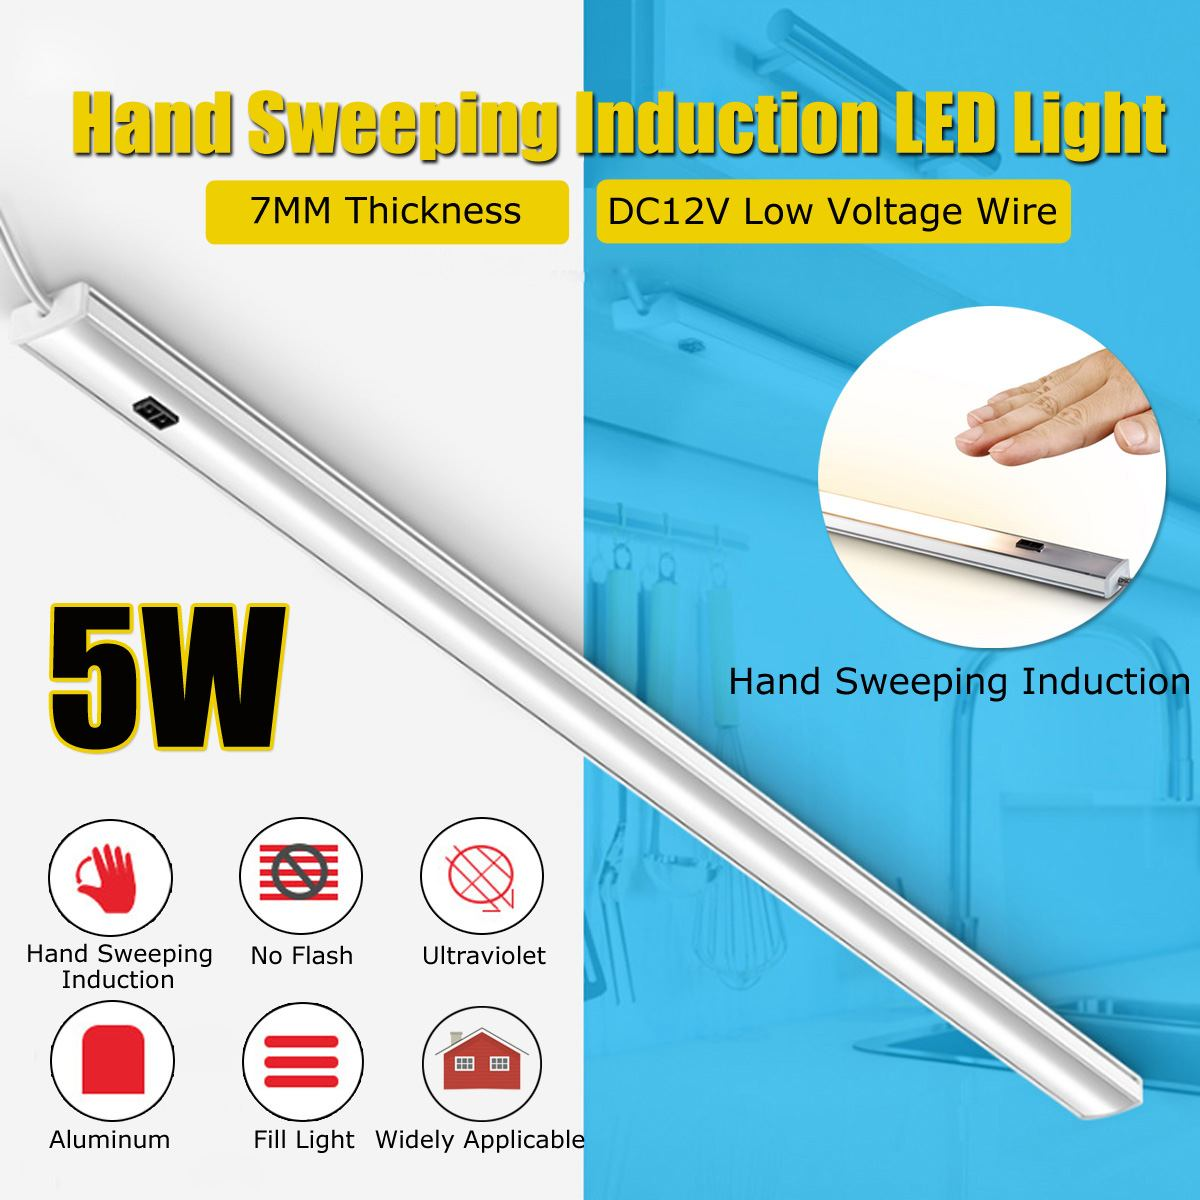 24 LED 5 W détecteur de mouvement LED lumière main balayage interrupteur contrôle applique 40 cm LED sous meuble cuisine placard étude bureau lumière